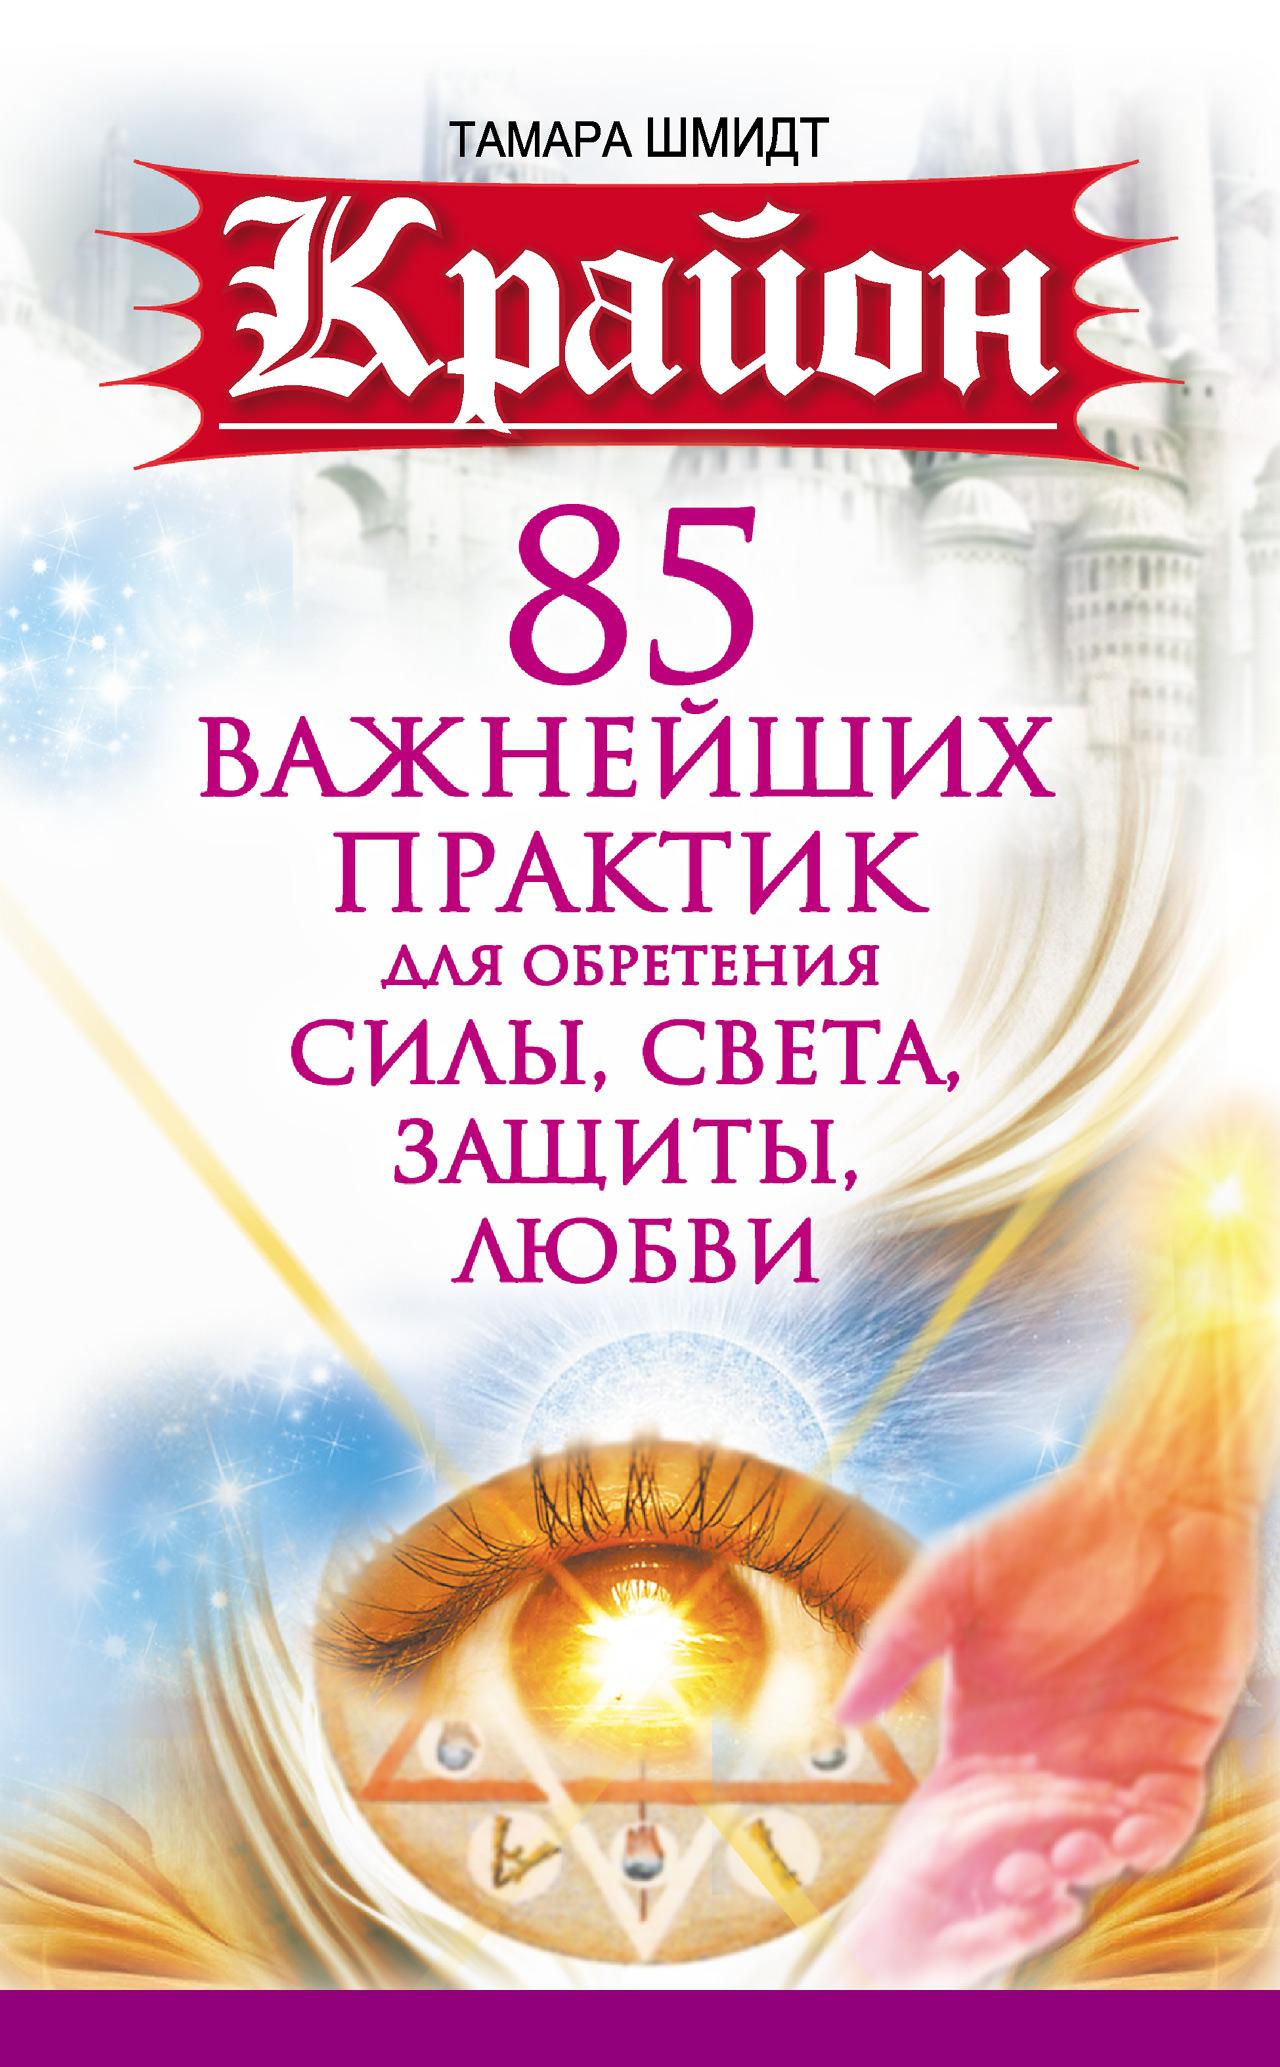 Тамара Шмидт «Крайон. 85 важнейших практик для обретения Силы, Света, Защиты и Любви»